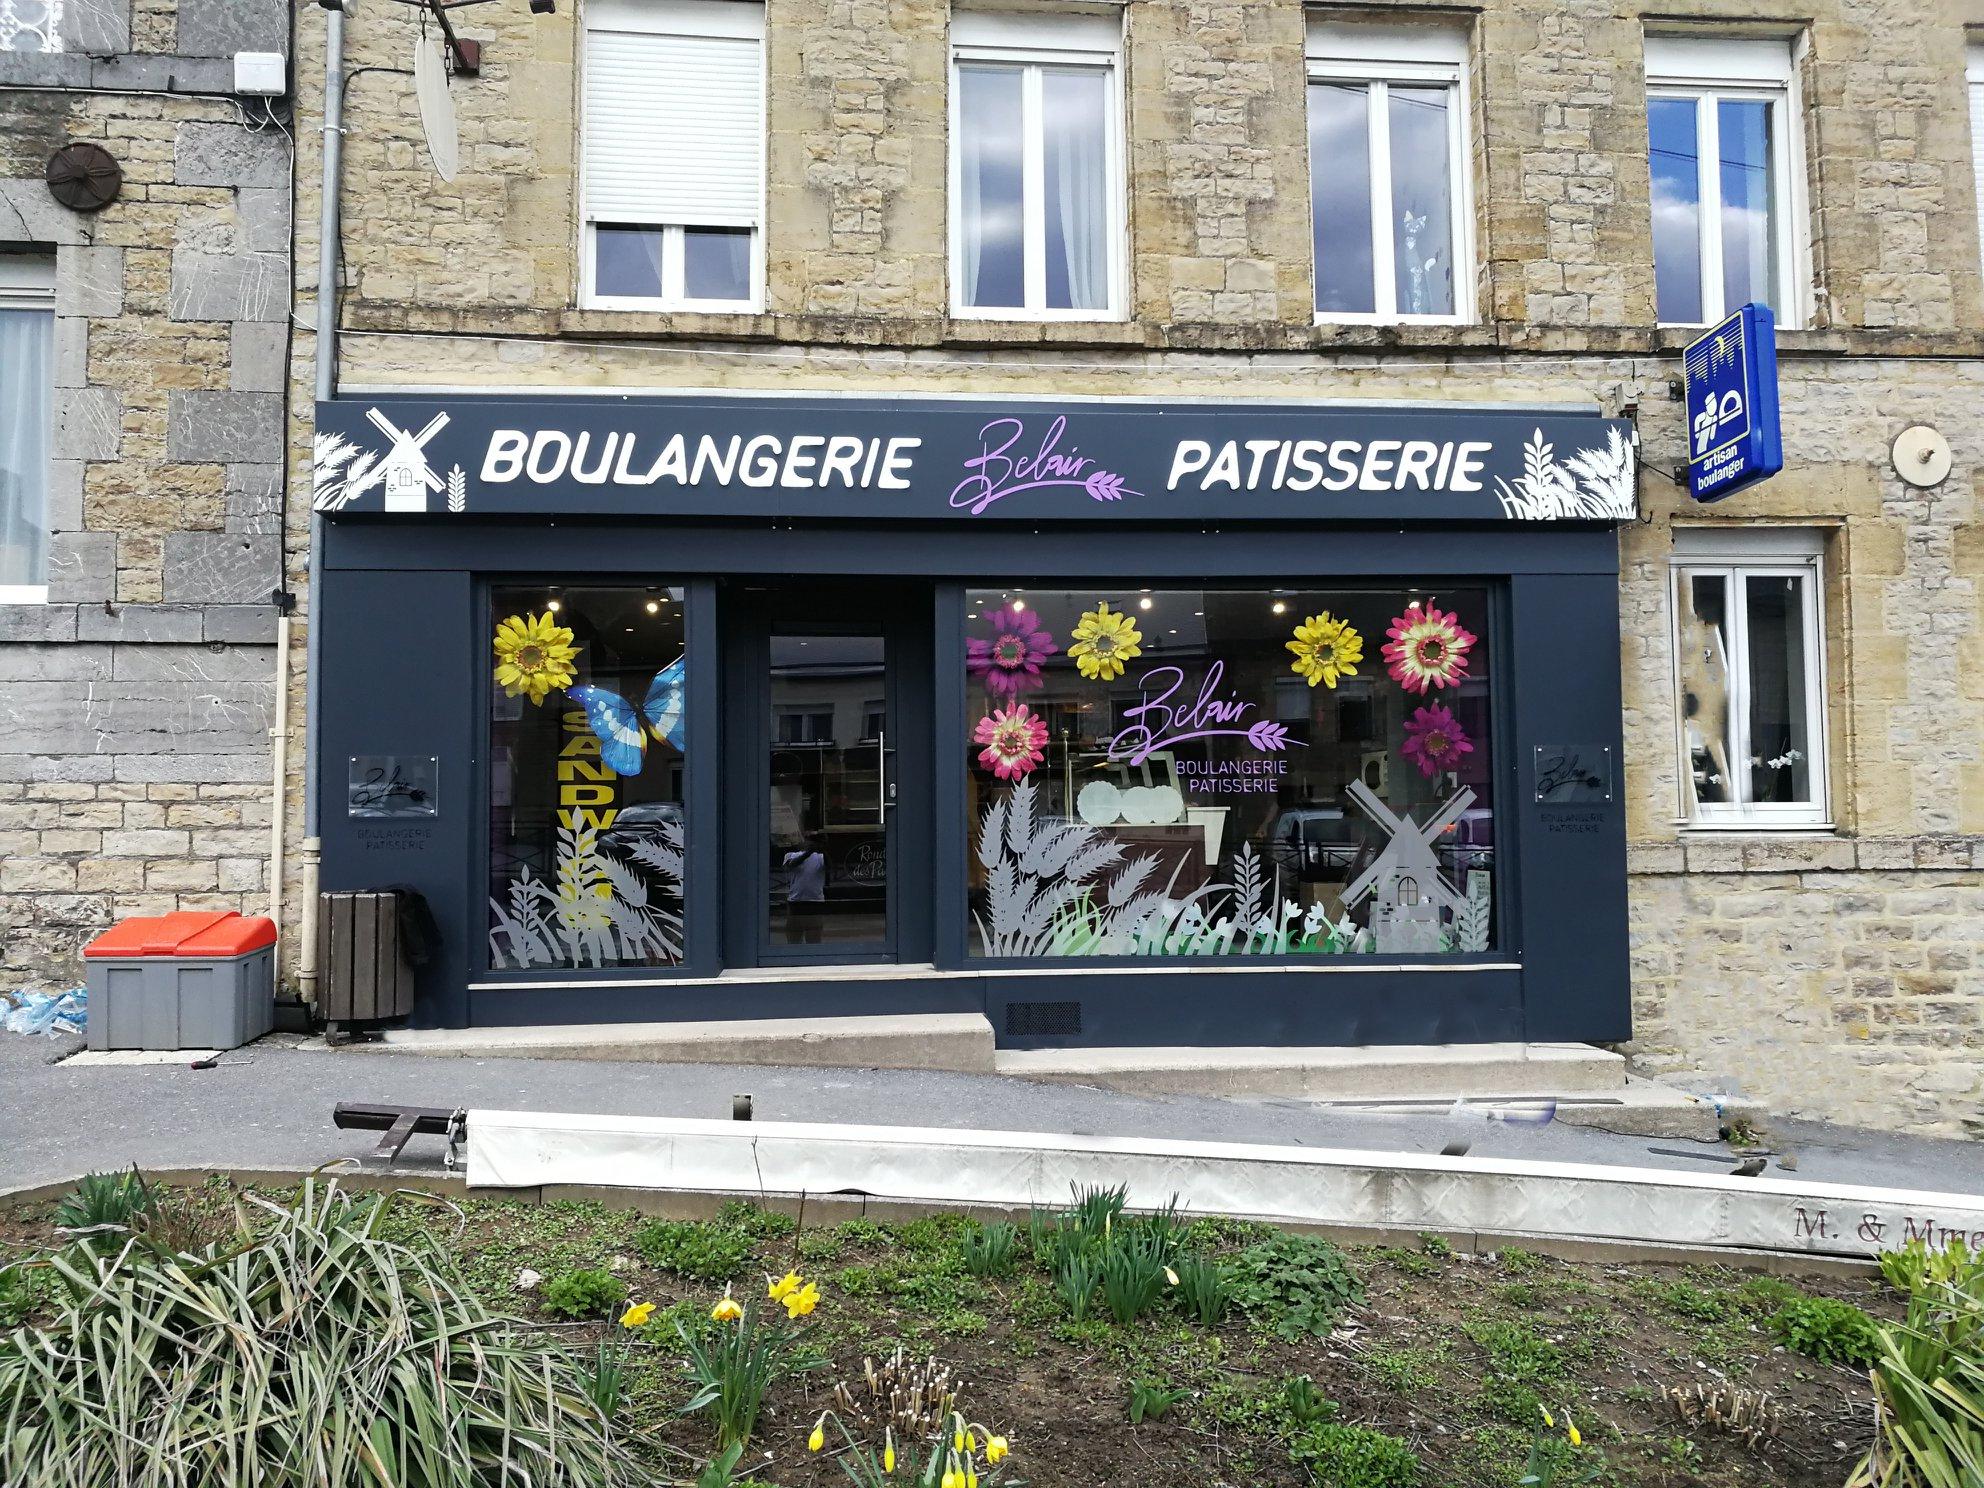 Boulangerie Belair